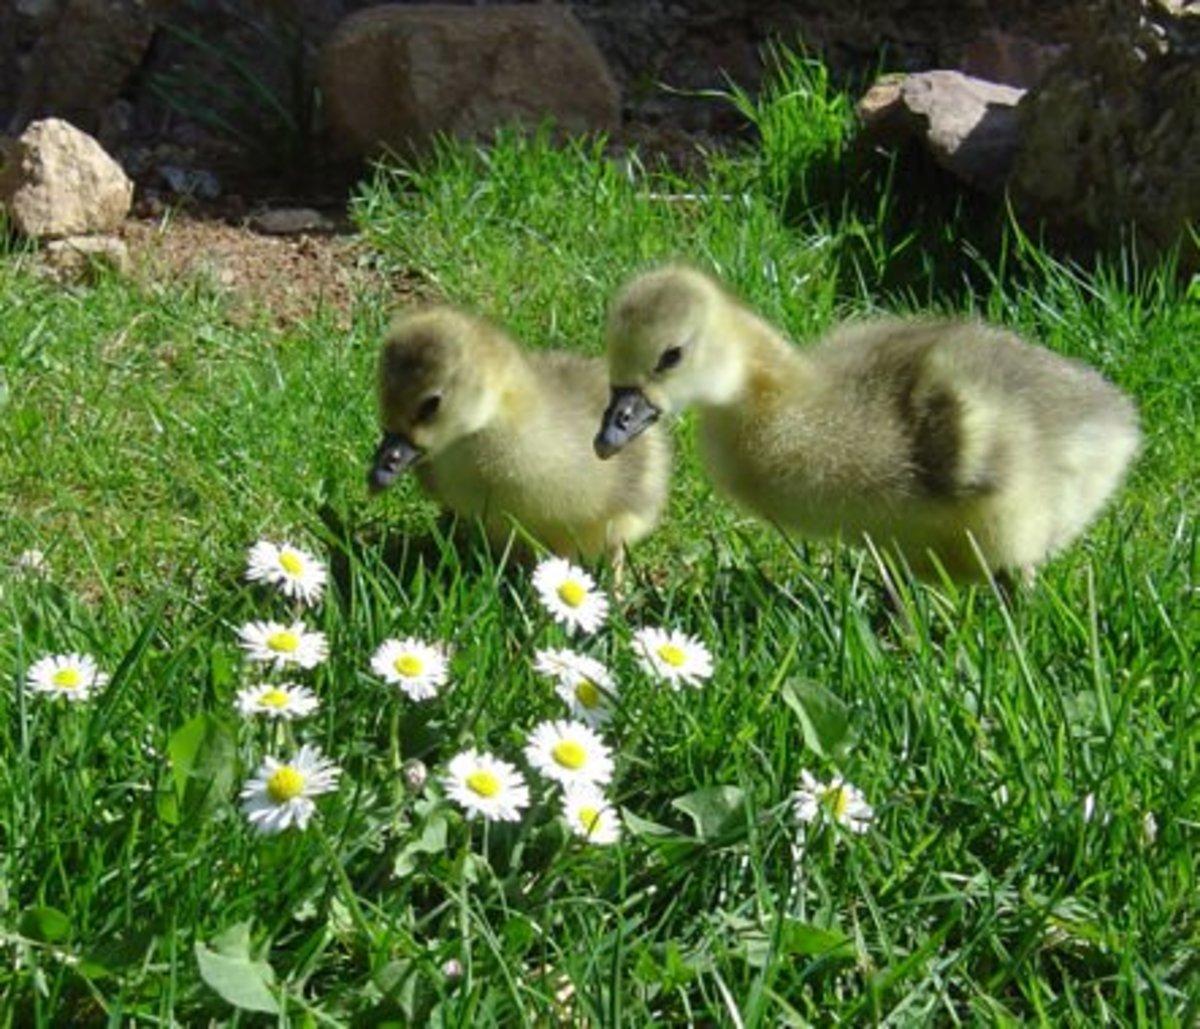 Goslings are so cute.